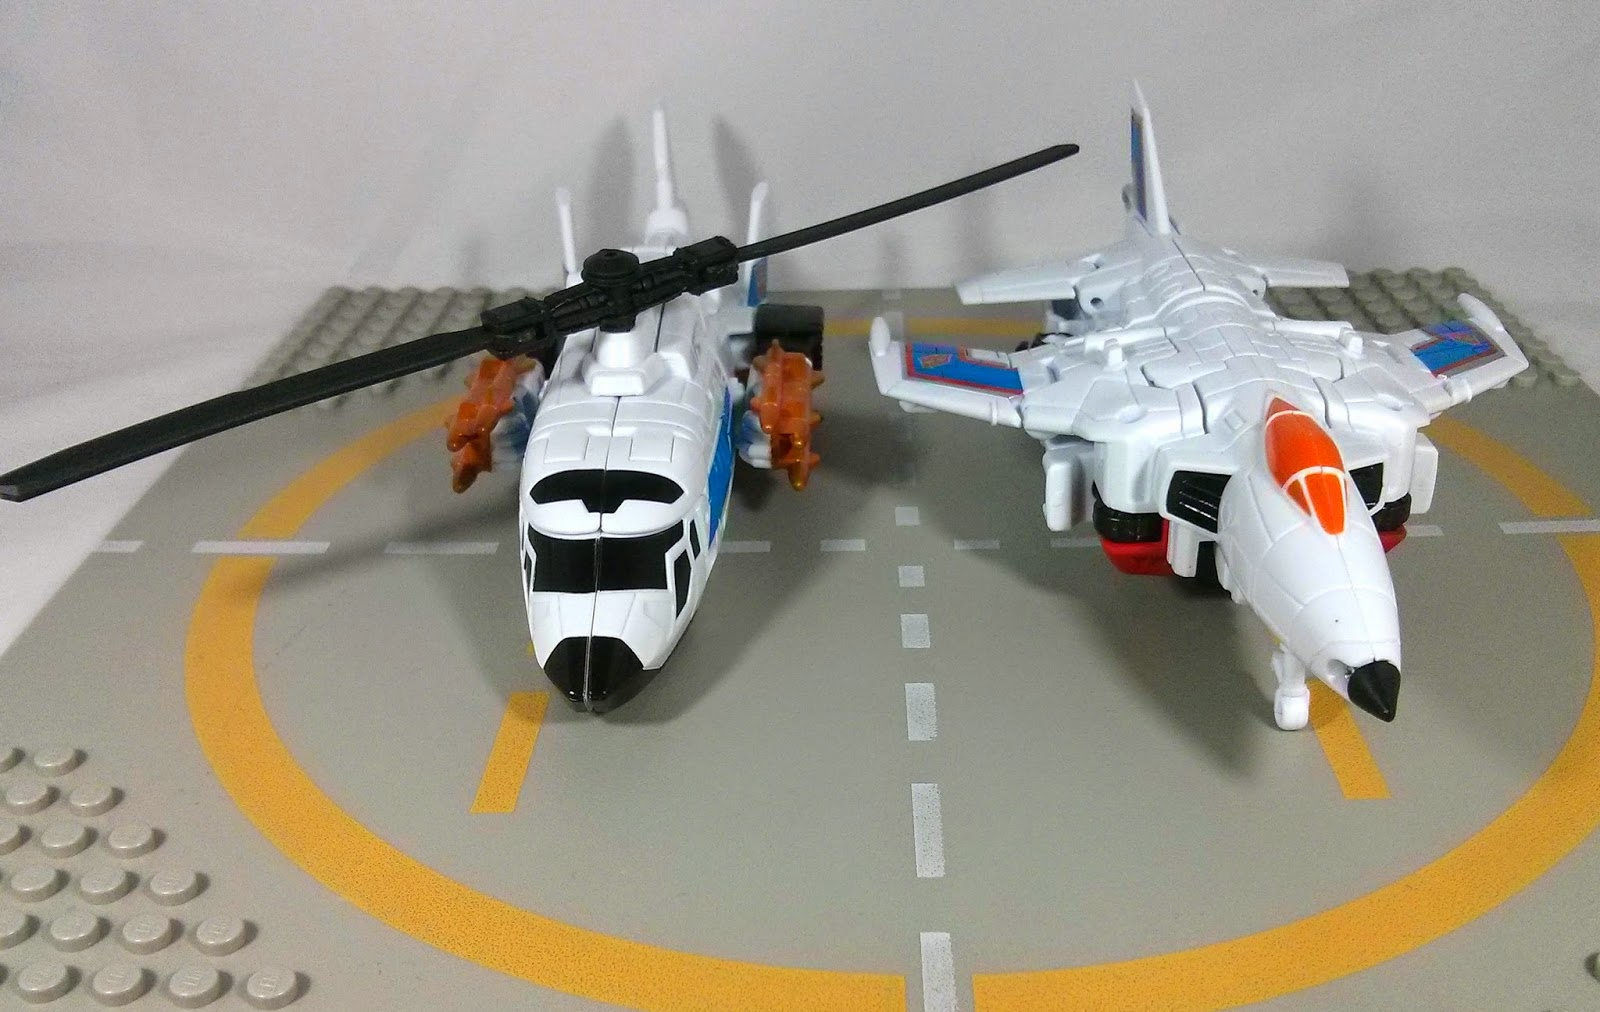 combiner wars slingshot jet